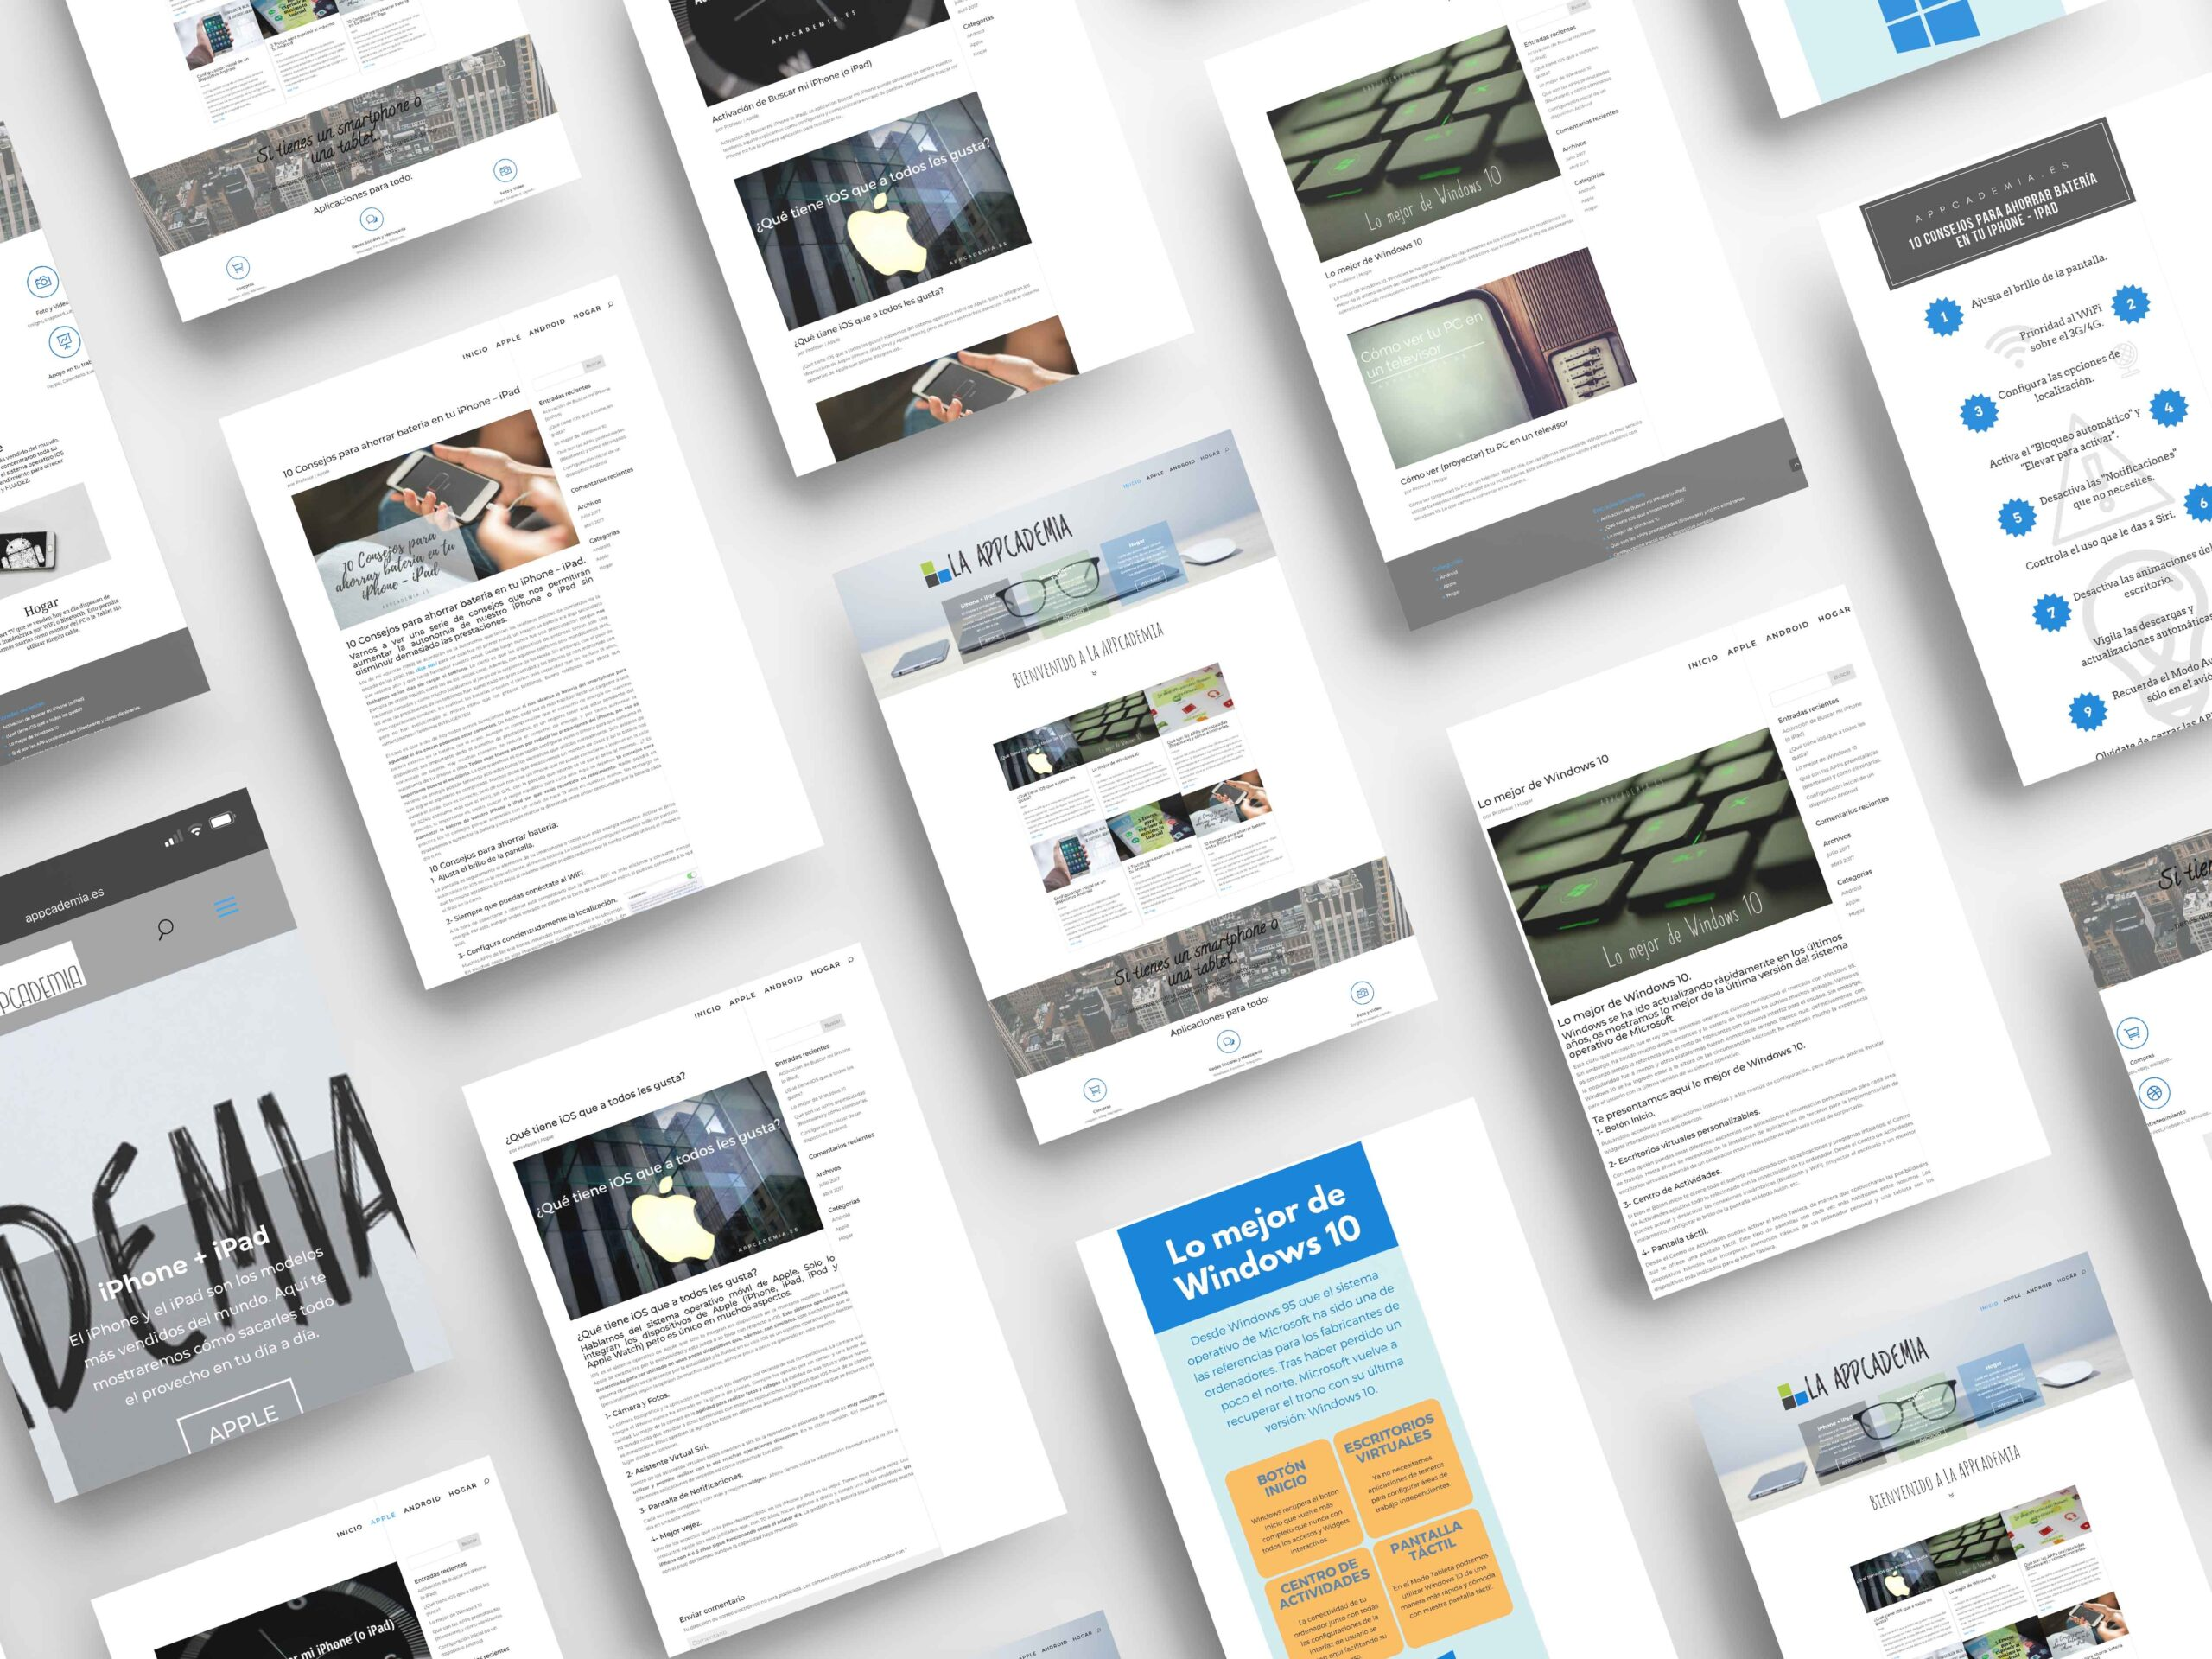 appcademia.es diseño web seik mockup